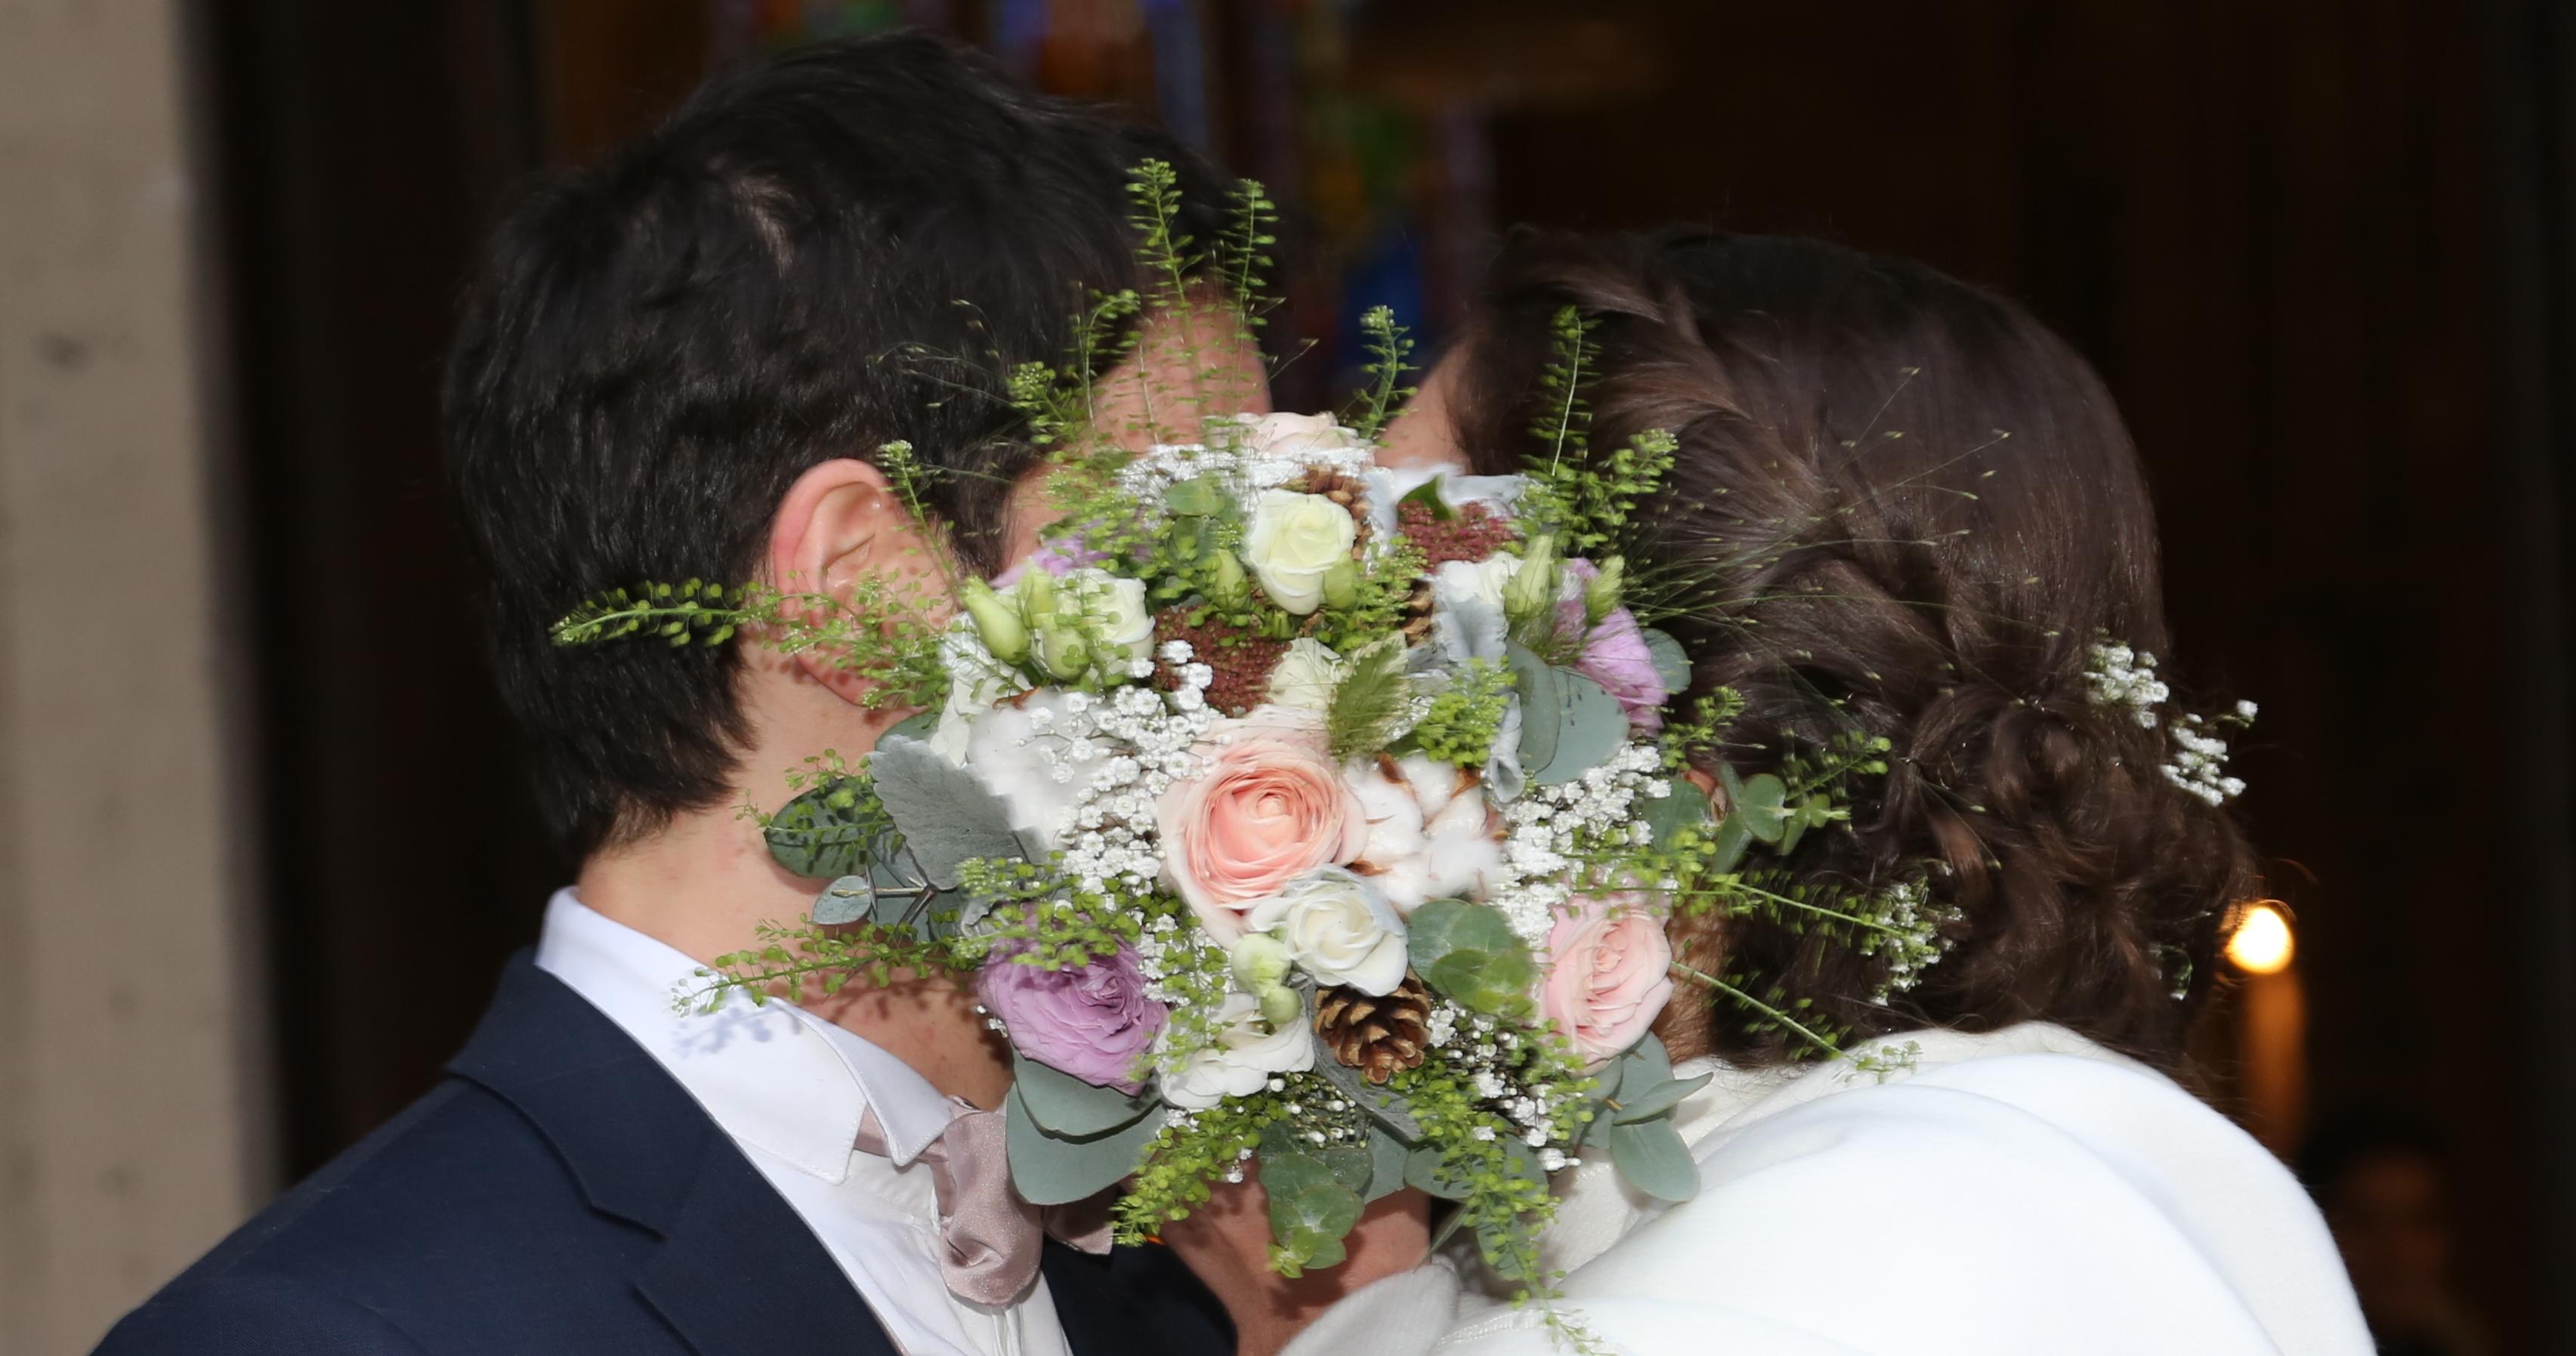 Accompagner la reprise de la vie liturgique, célébrer les mariages